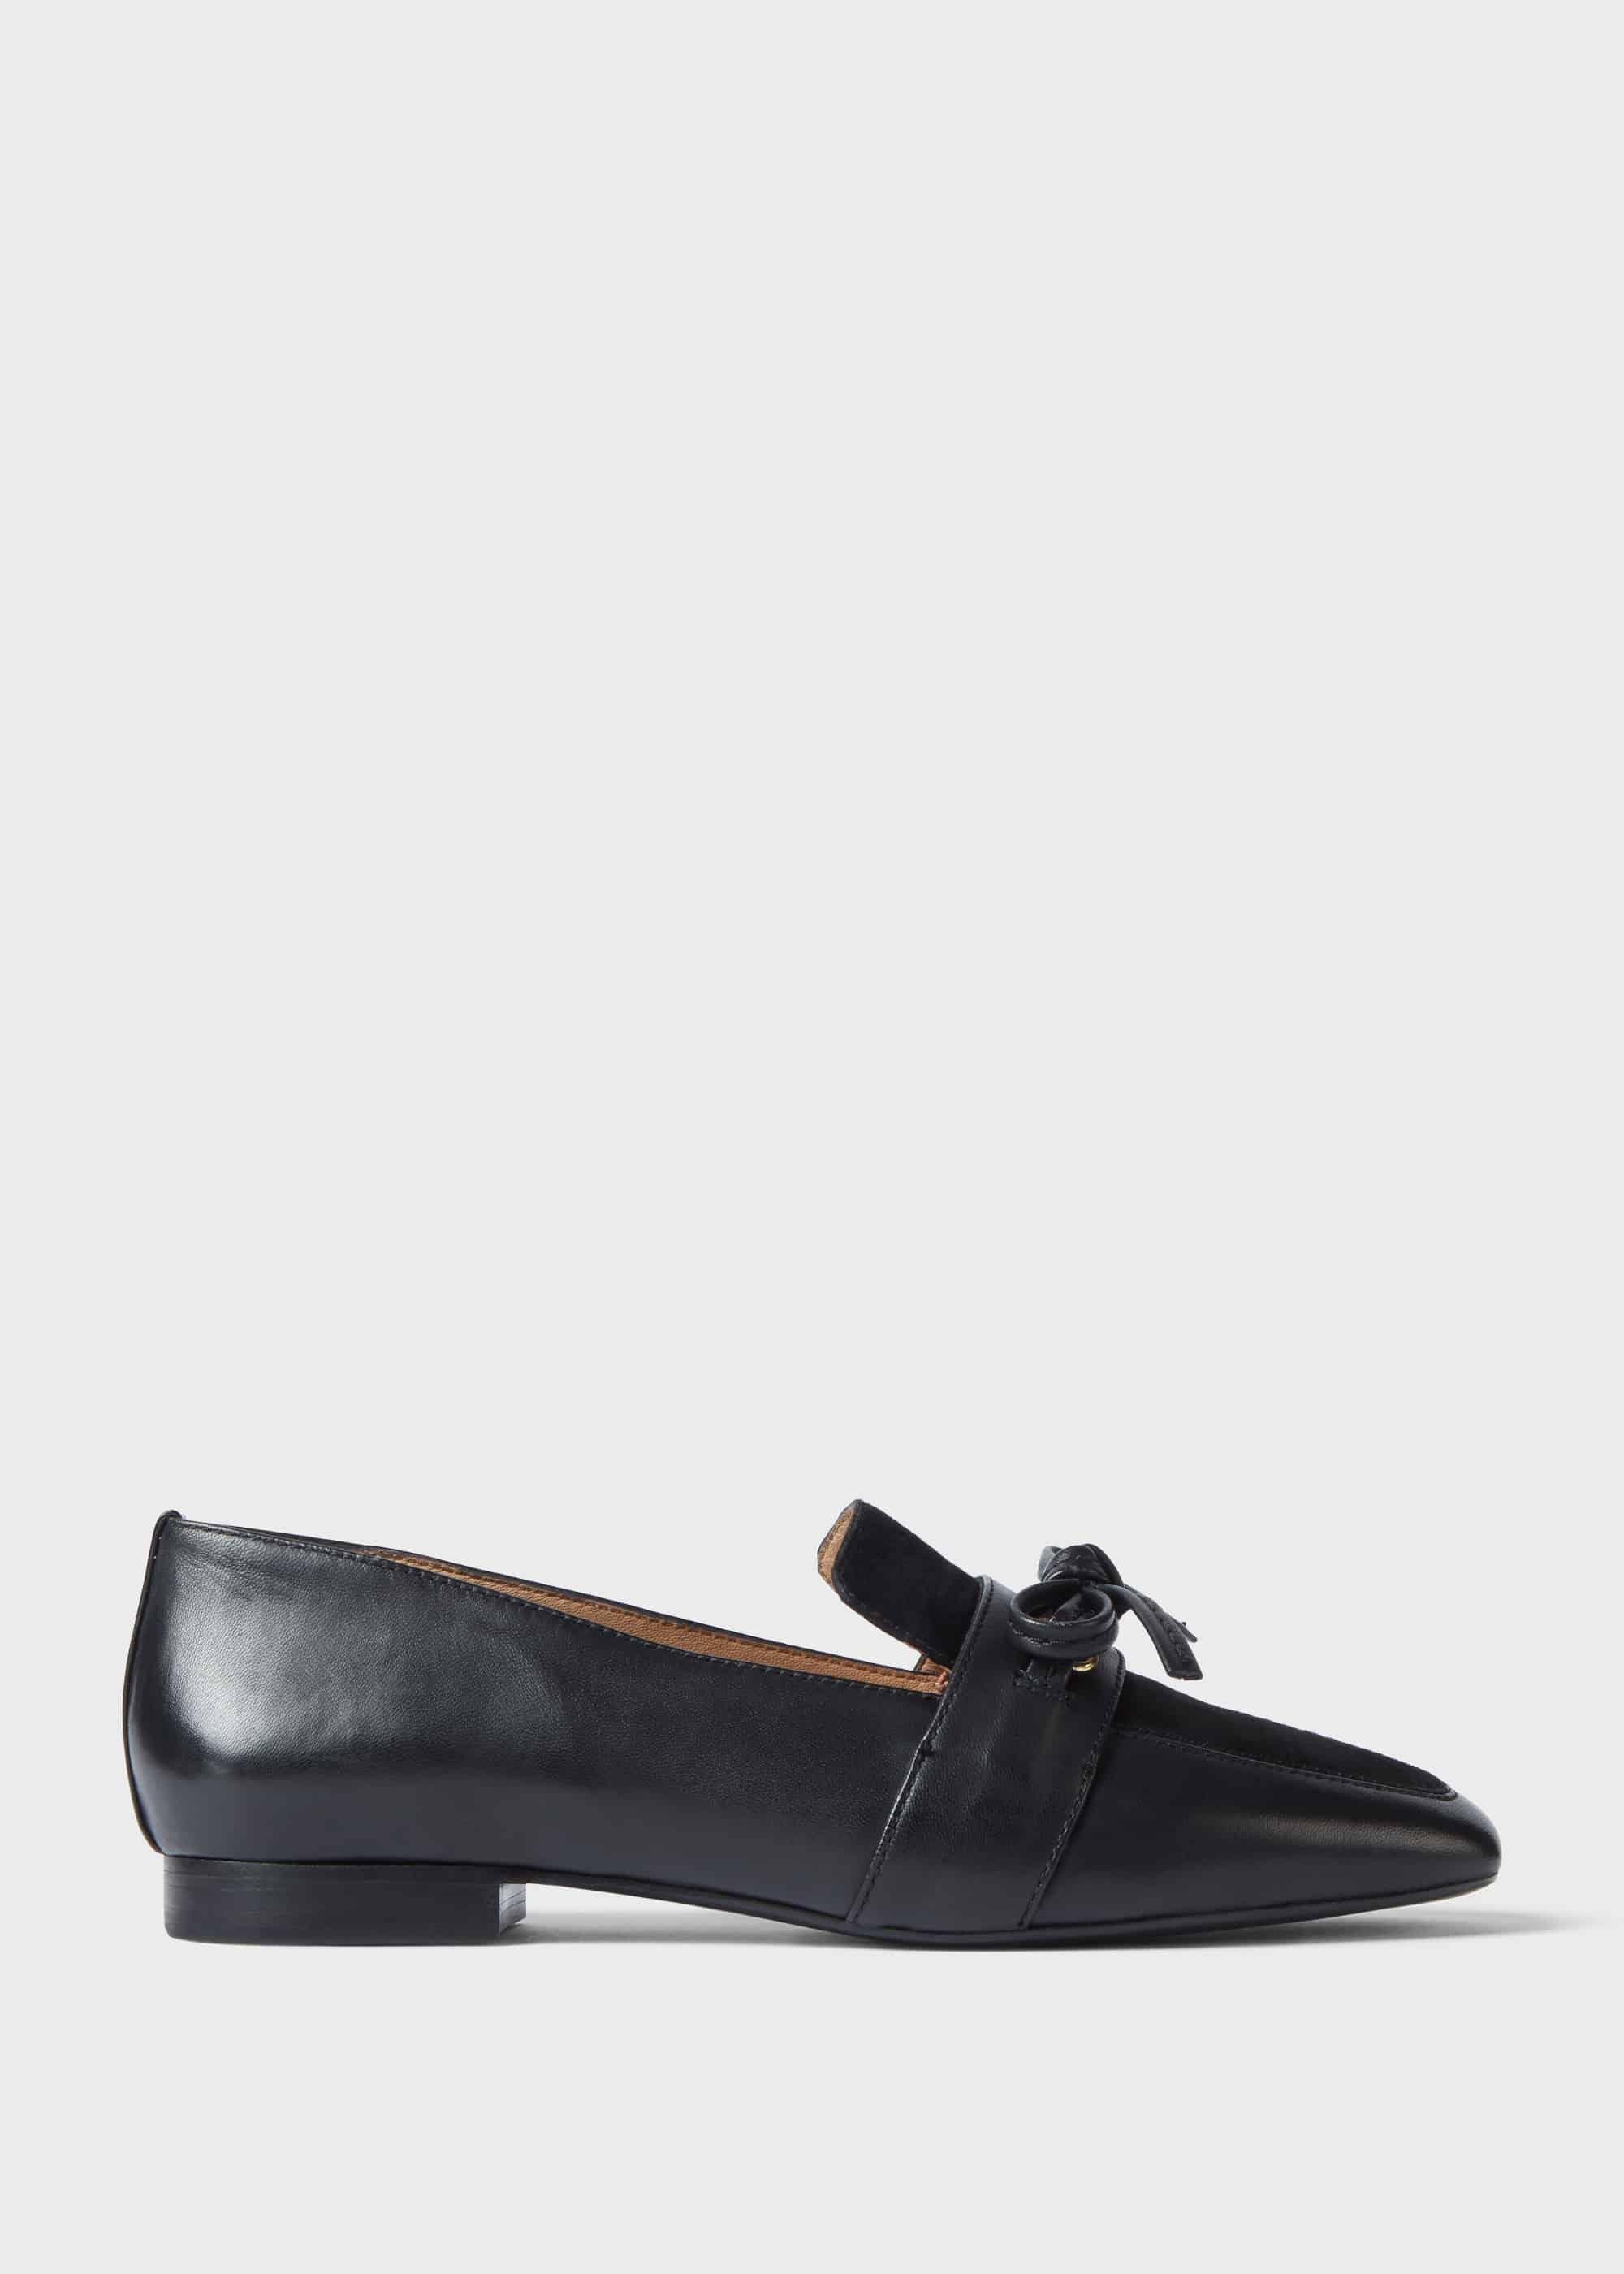 Hobbs Women Lauren Leather Flat Shoes